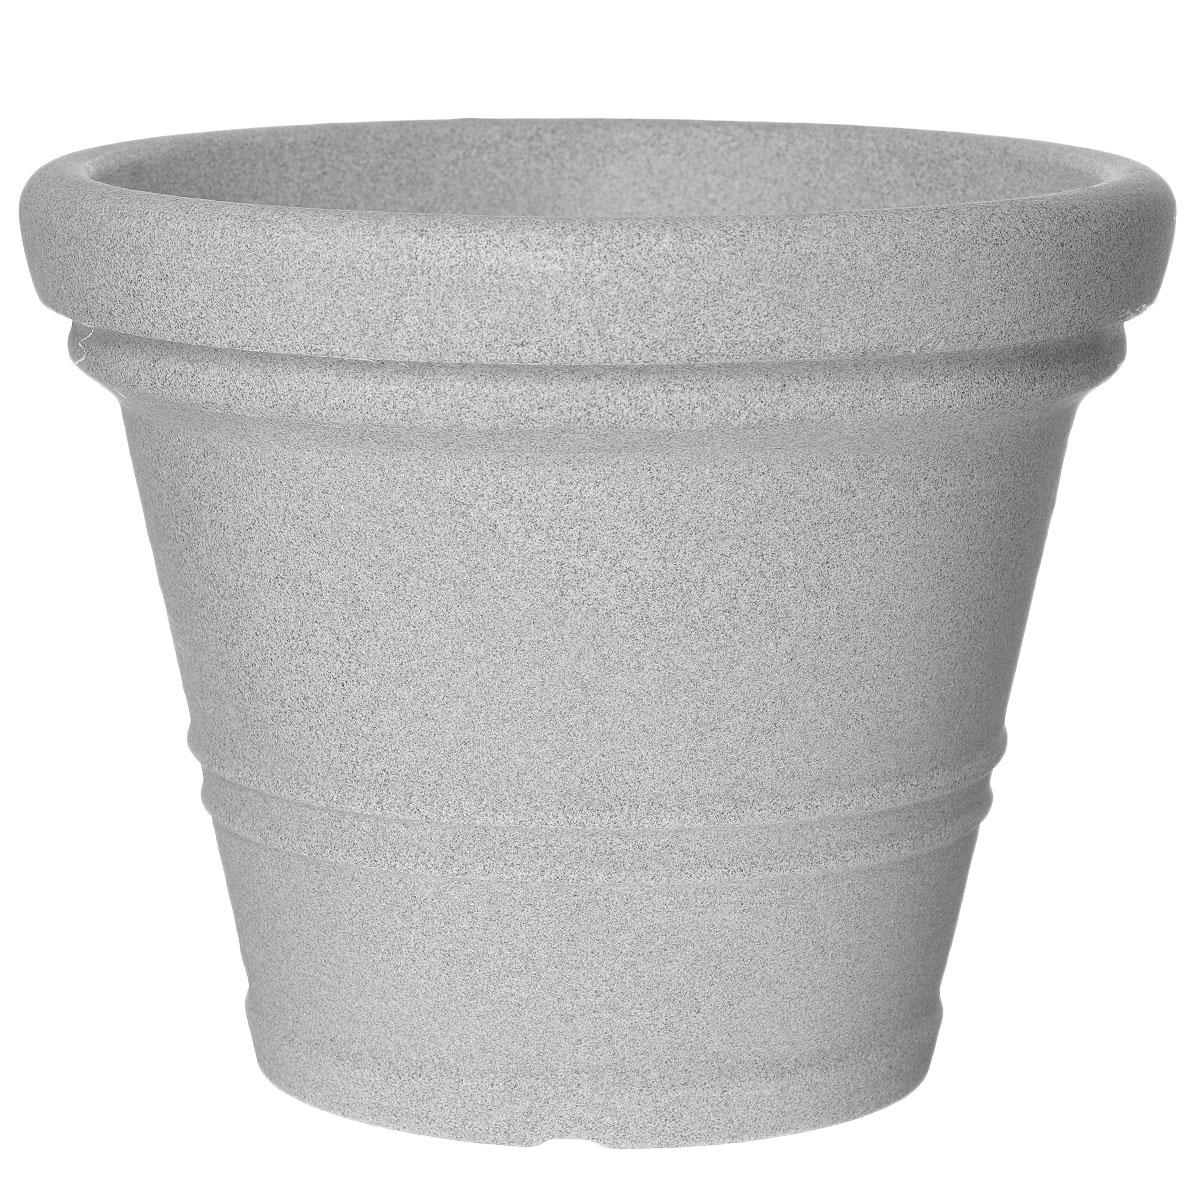 Кашпо для цветов Scheurich, цвет: светло-серый, диаметр 45 см53392SКашпо для цветов Scheurich выполнено из прочного пластика. Изделие предназначено для установки внутрь цветочных горшков с растениями. Такие изделия часто становятся последним штрихом, который совершенно изменяет интерьер помещения или ландшафтный дизайн сада. Благодаря такому кашпо вы сможете украсить вашу комнату, офис, сад и другие места. Диаметр: 45 см.